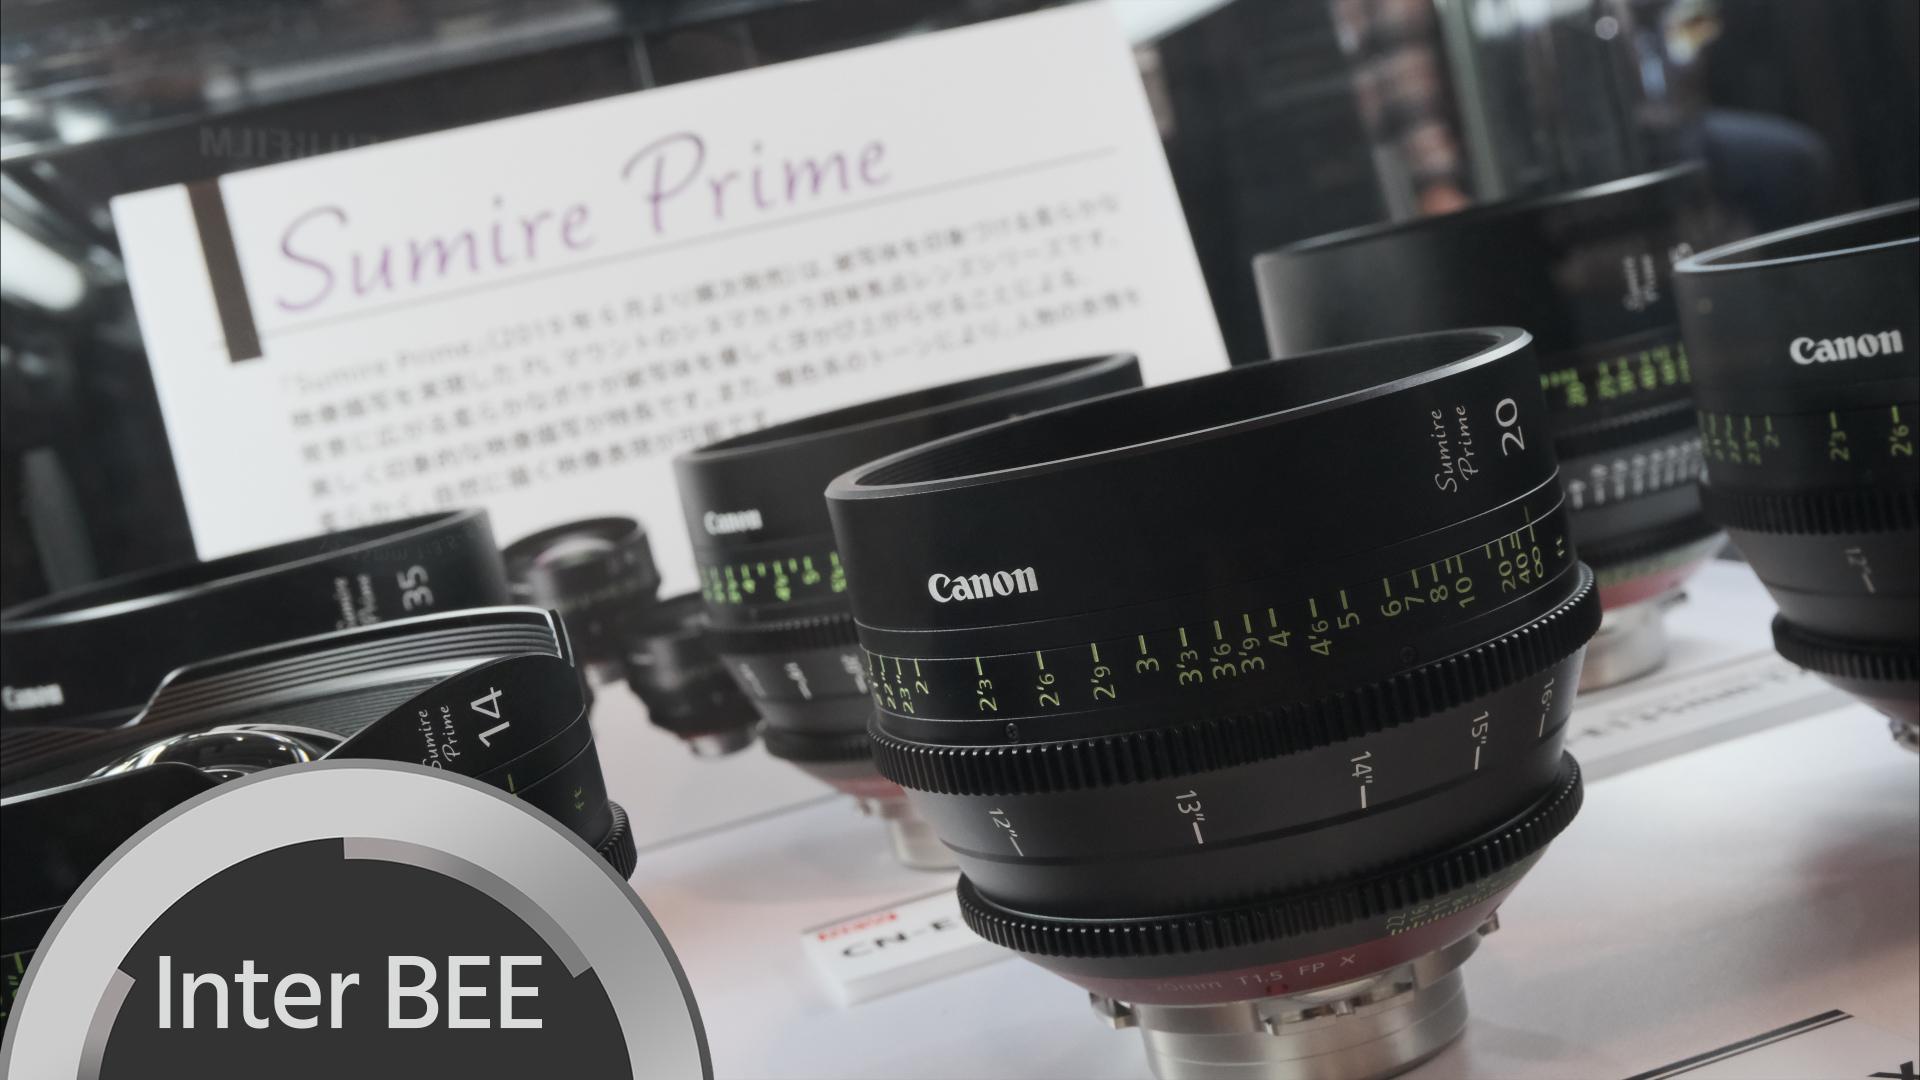 Explicamos los lentes Canon Sumire Prime - ¿cuál es la idea detrás de ellos?